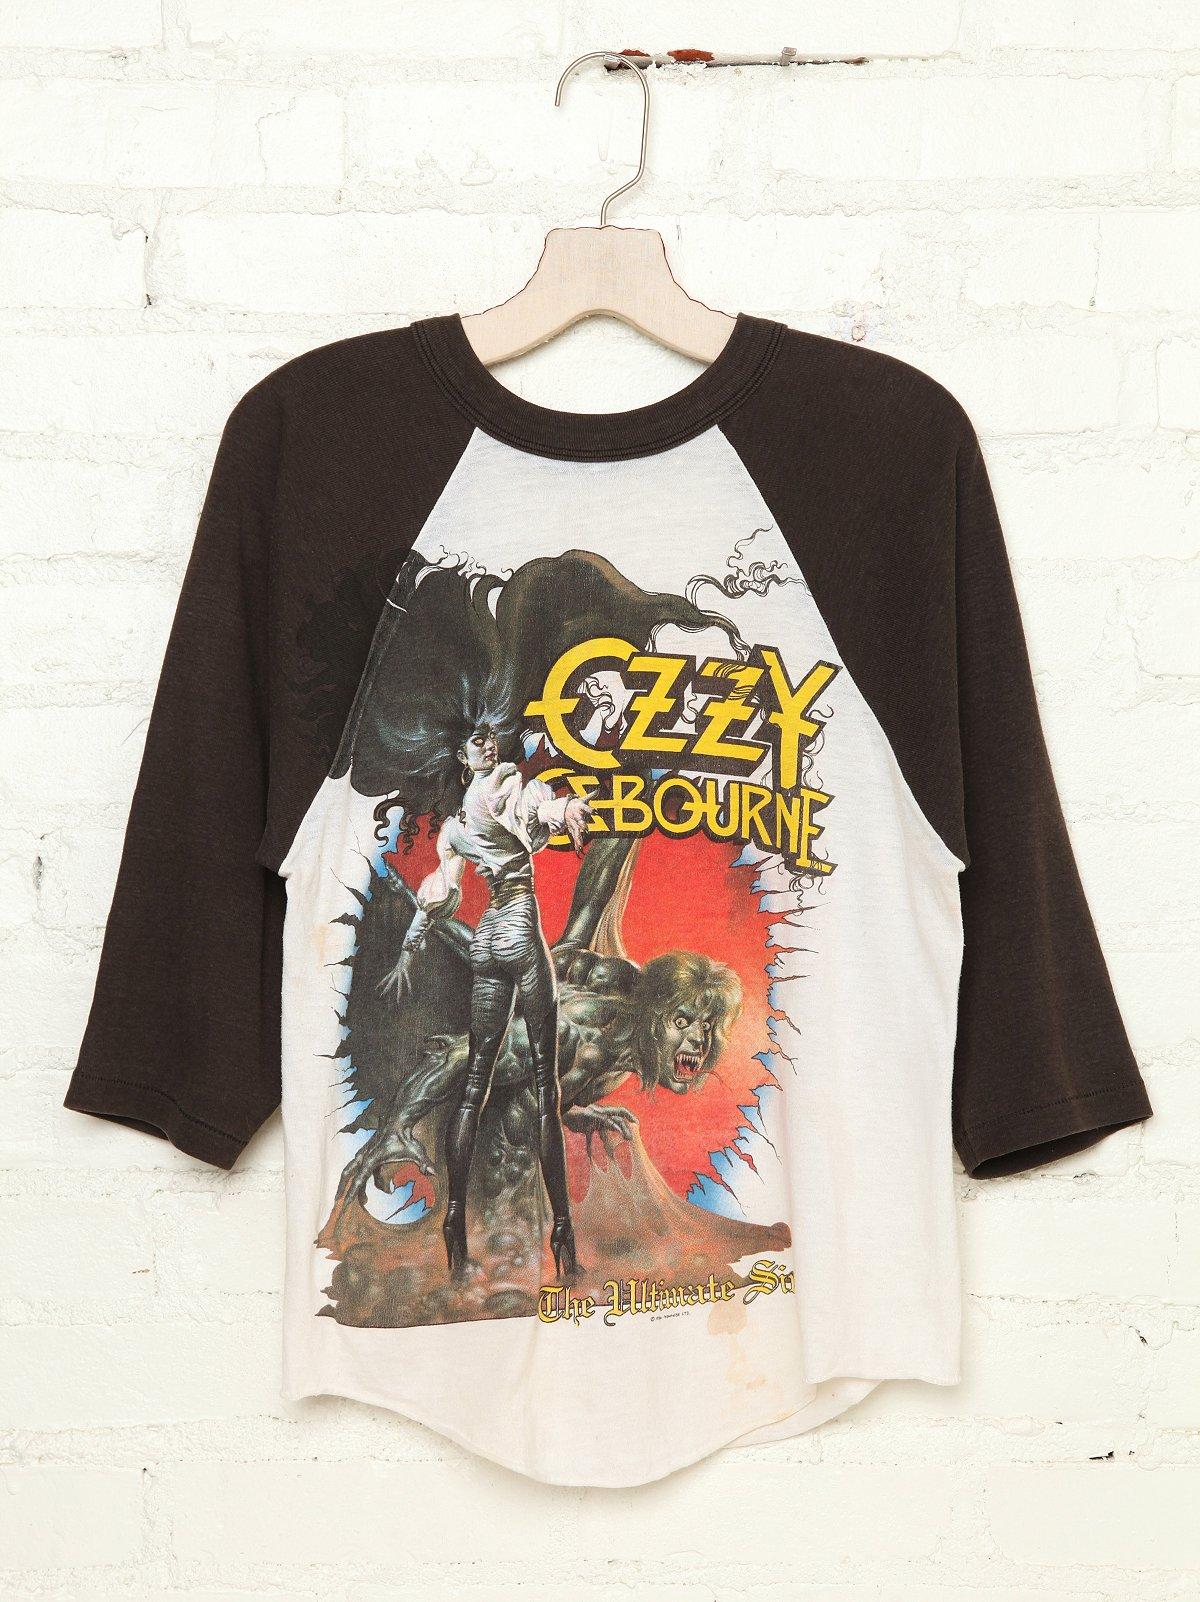 Vintage Ozzy Osbourne Tee